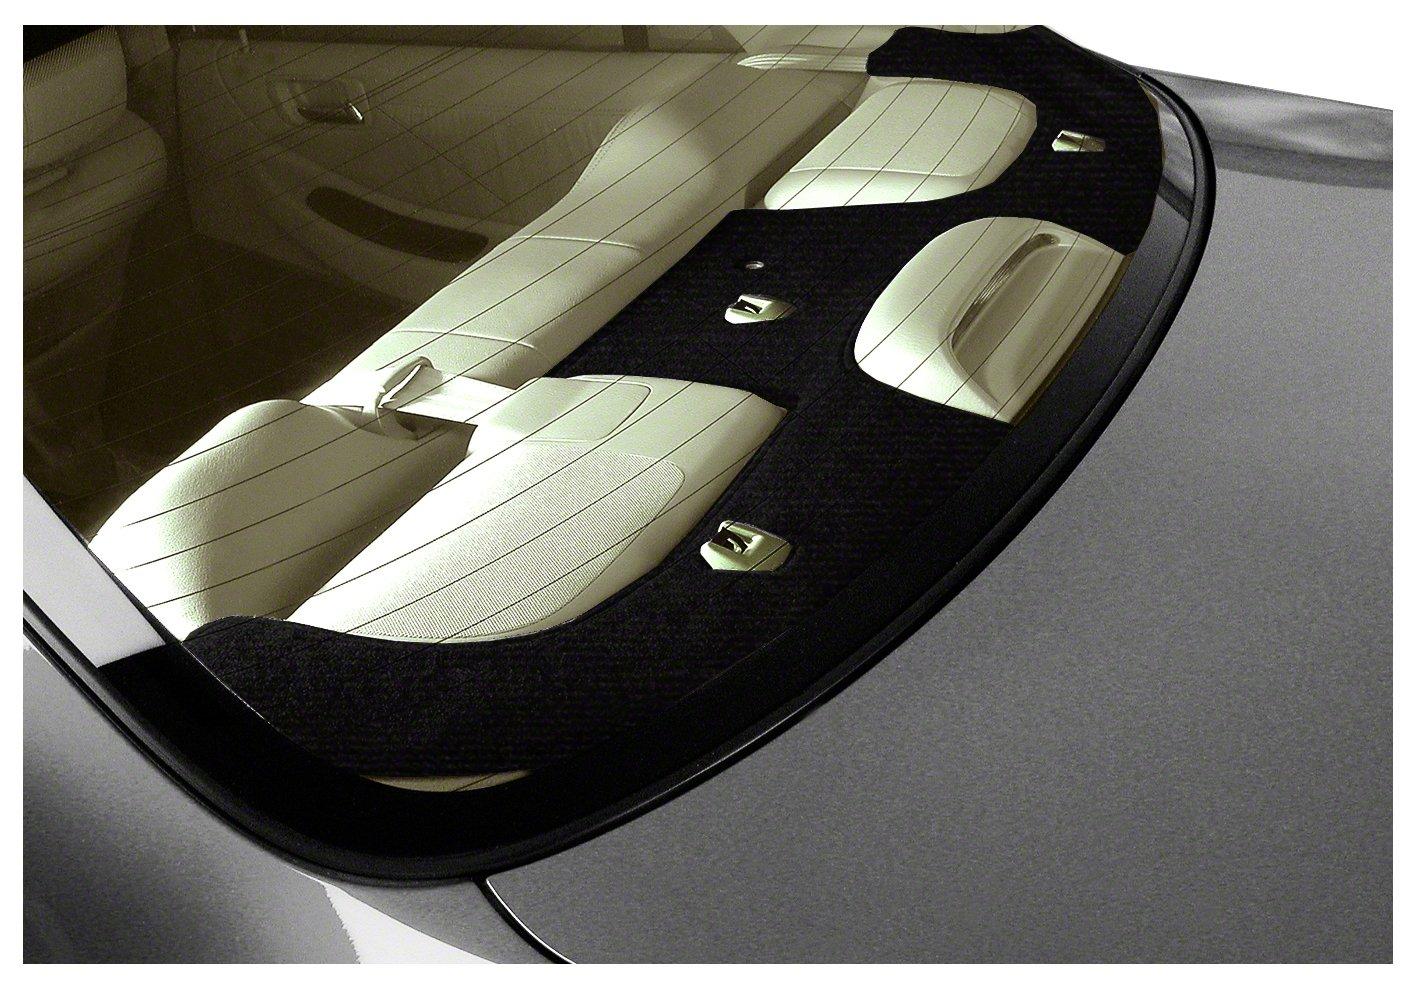 Coverking Custom Fit Dashboard Cover for Select BMW 5-Series Models - Velour (Black) CRDV1BM7262